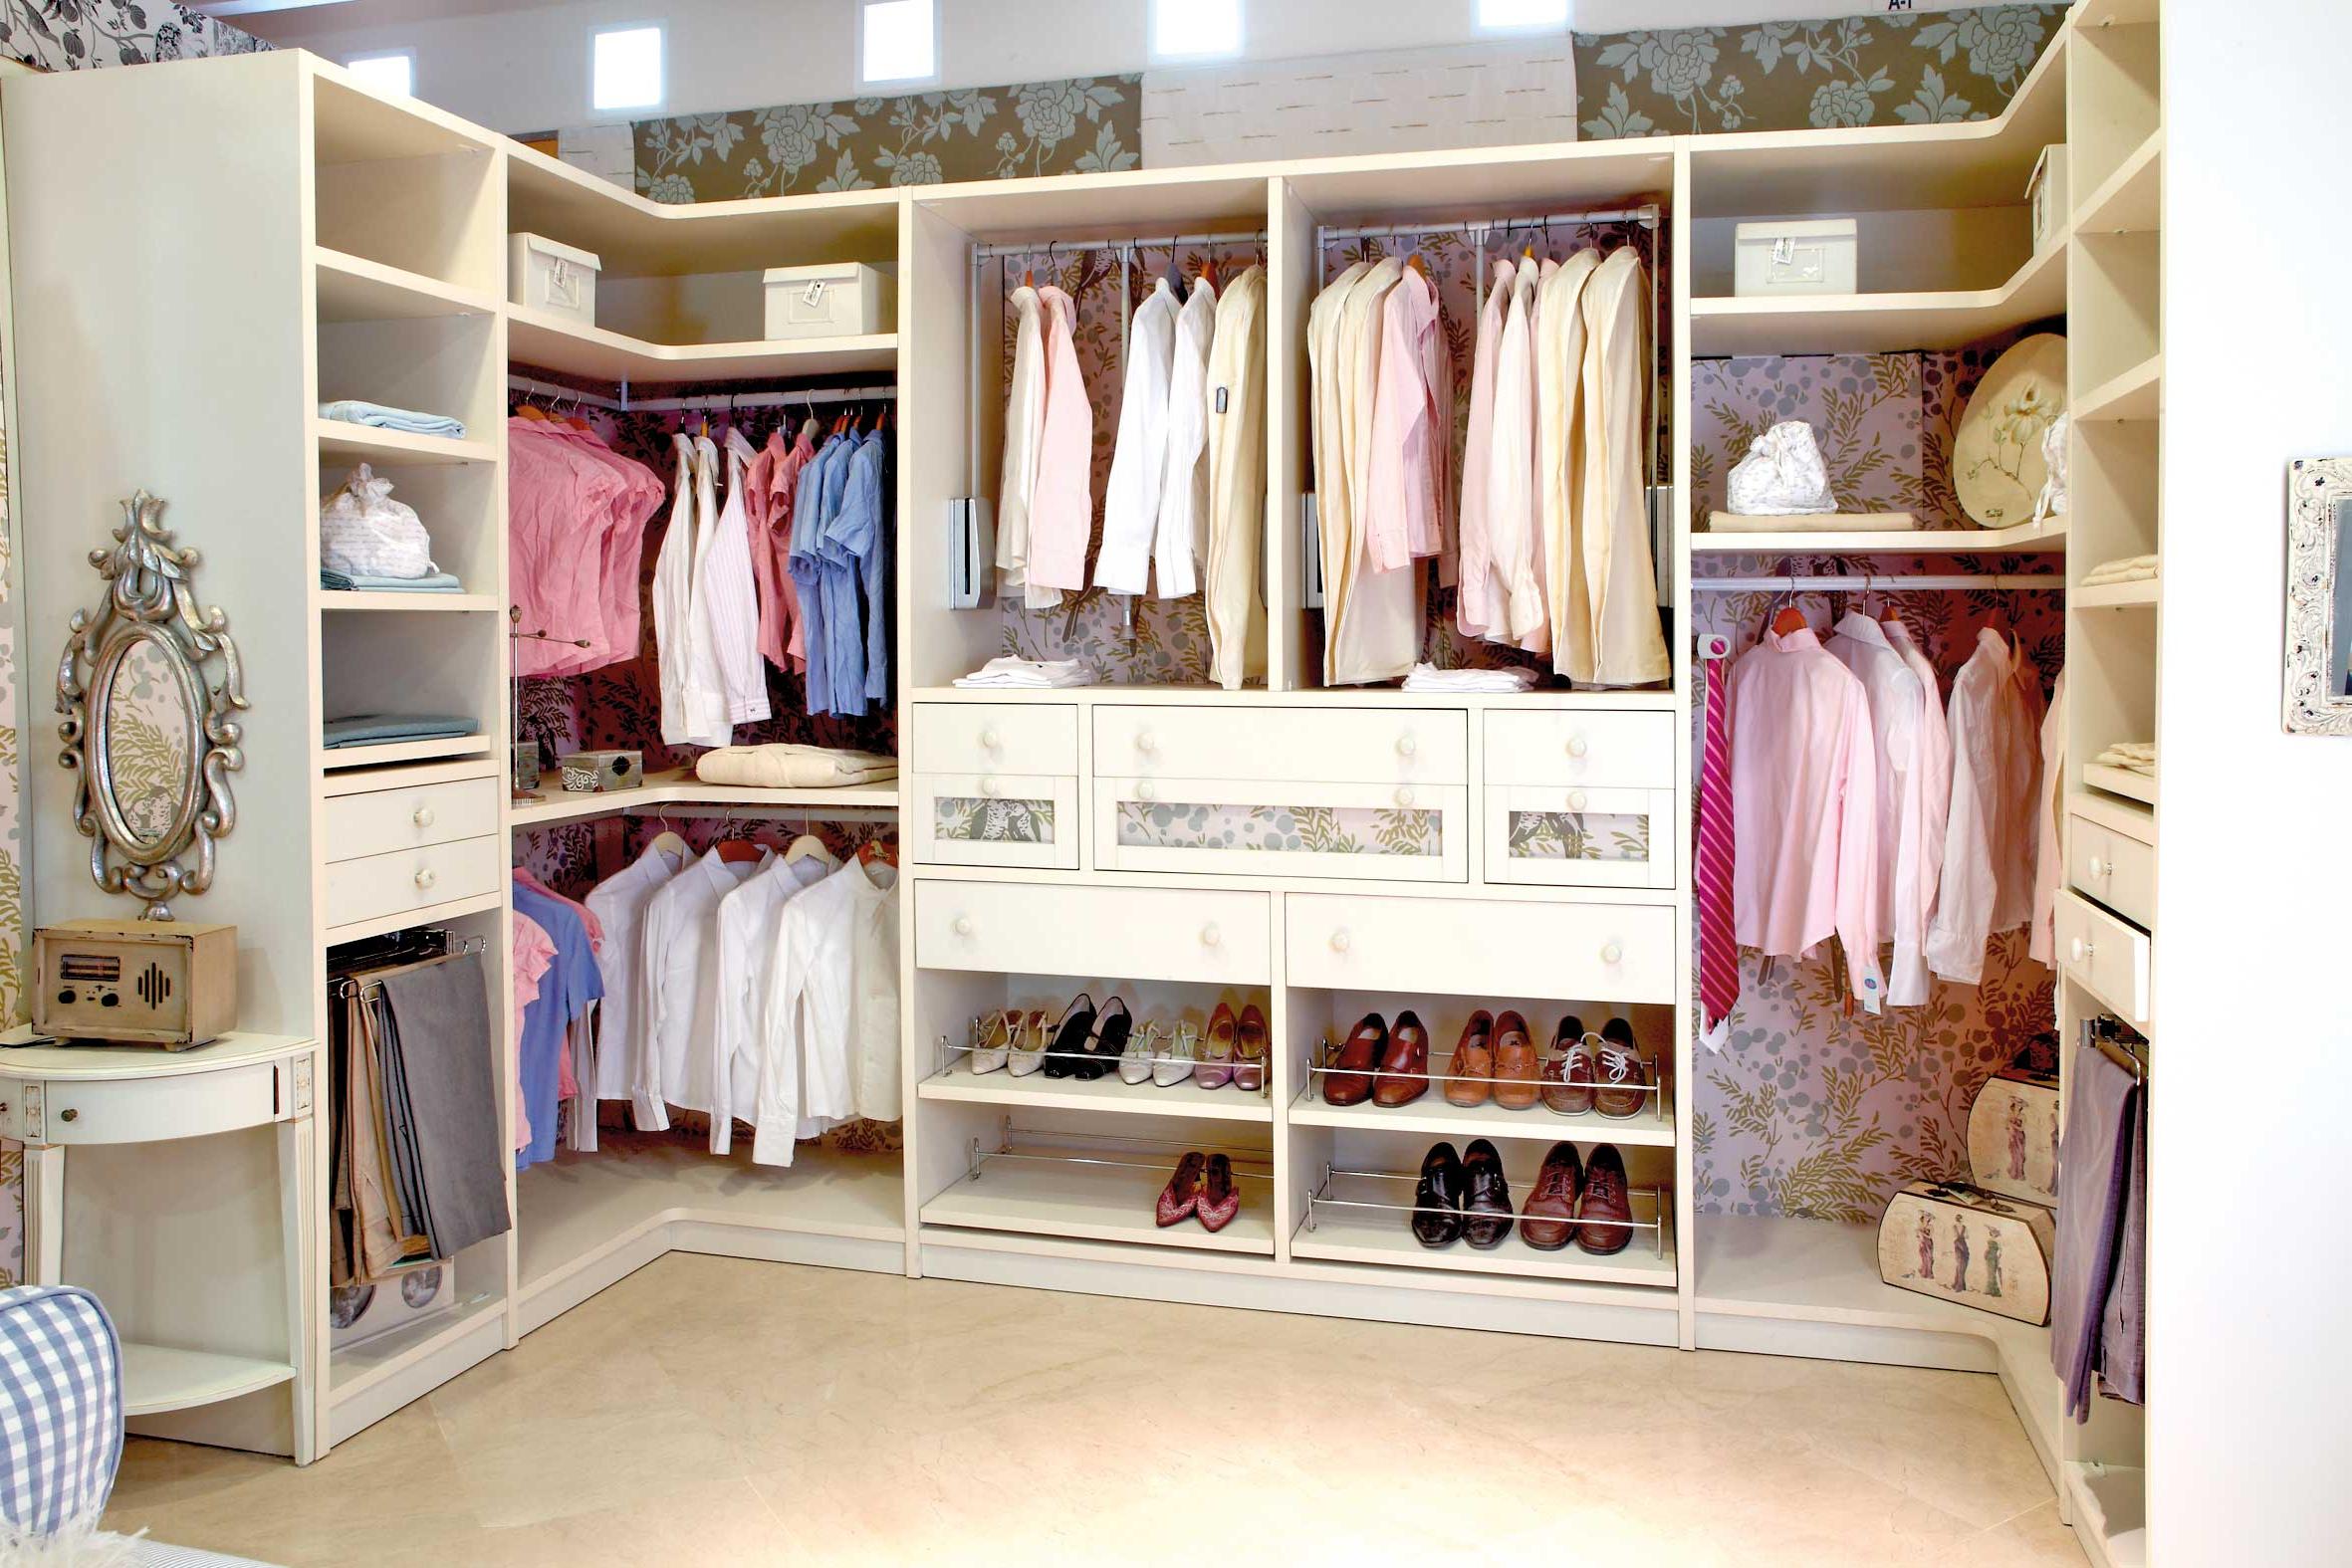 Armarios A Medida Precios Jxdu Tiendas Armarios Y Vestidores A Medida A Los Mejores Precios